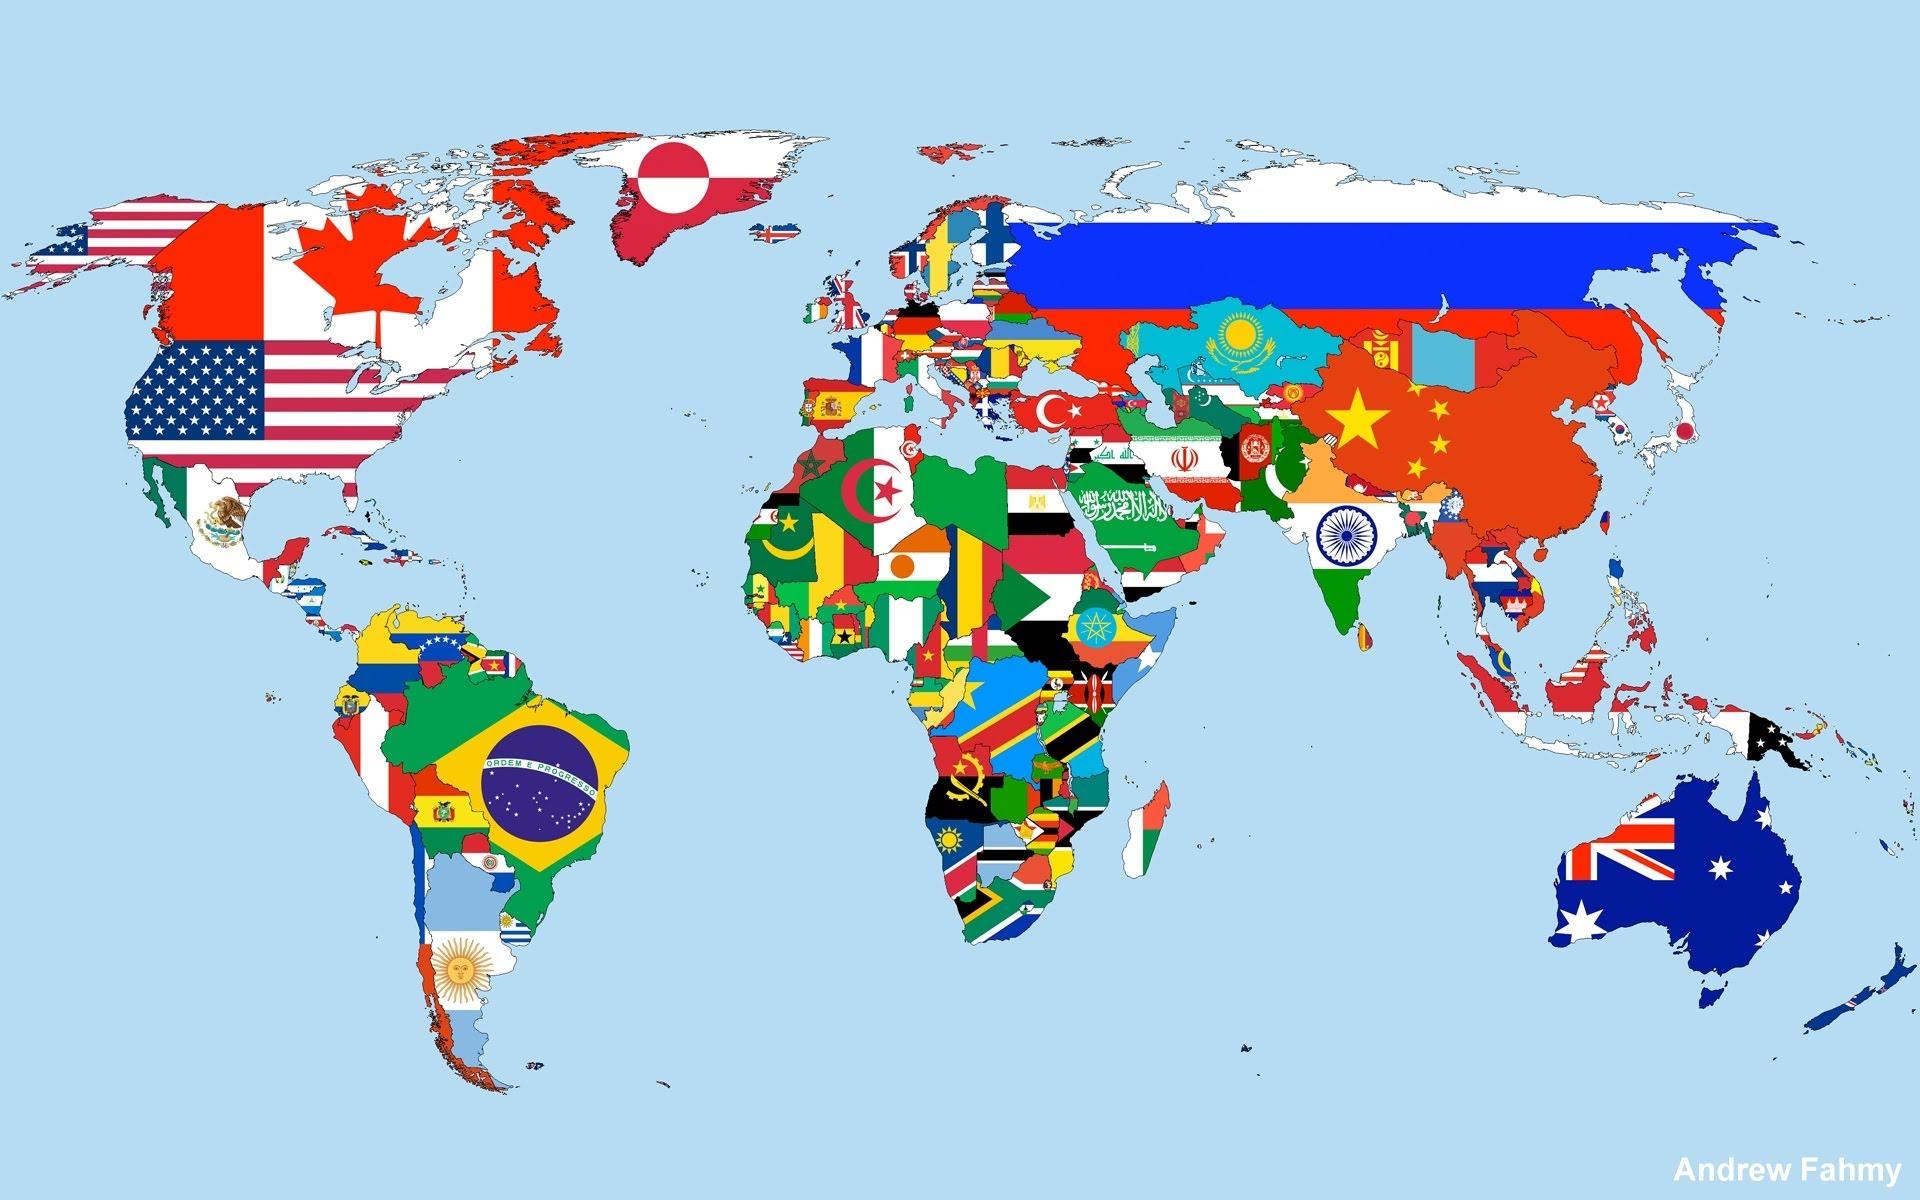 بالصور خريطة العالم صماء , خرائط العالم علي مر العصور والاختلافات فيها 3707 3